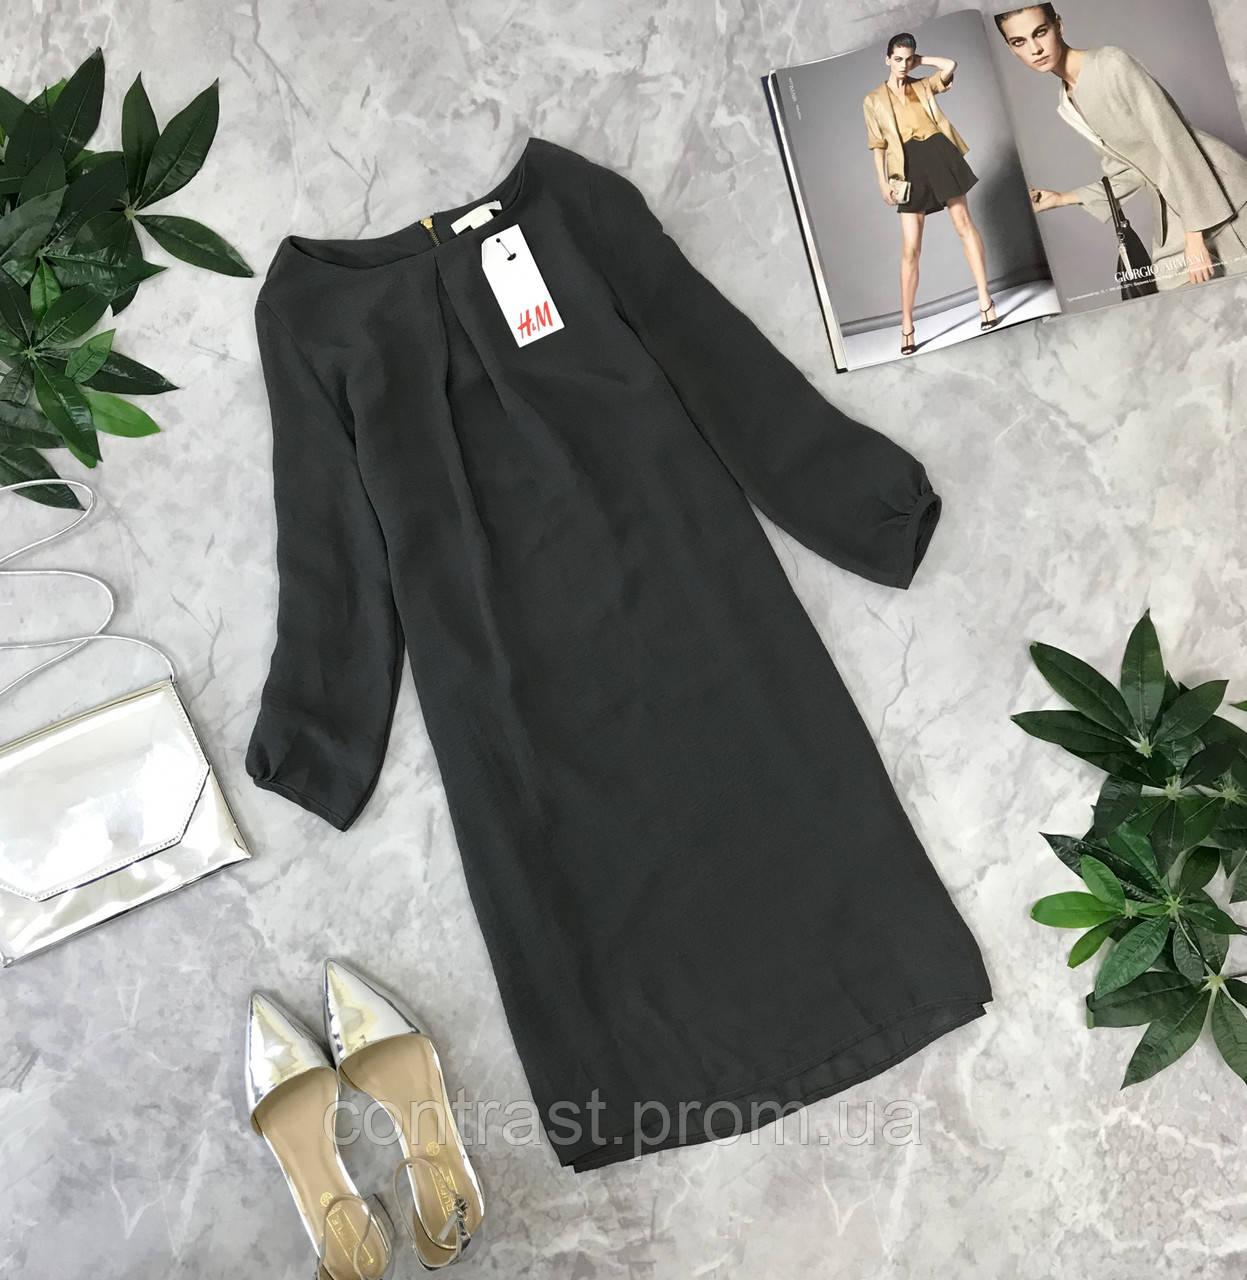 Сдержанное платье прямого кроя от H&M  DR1849161